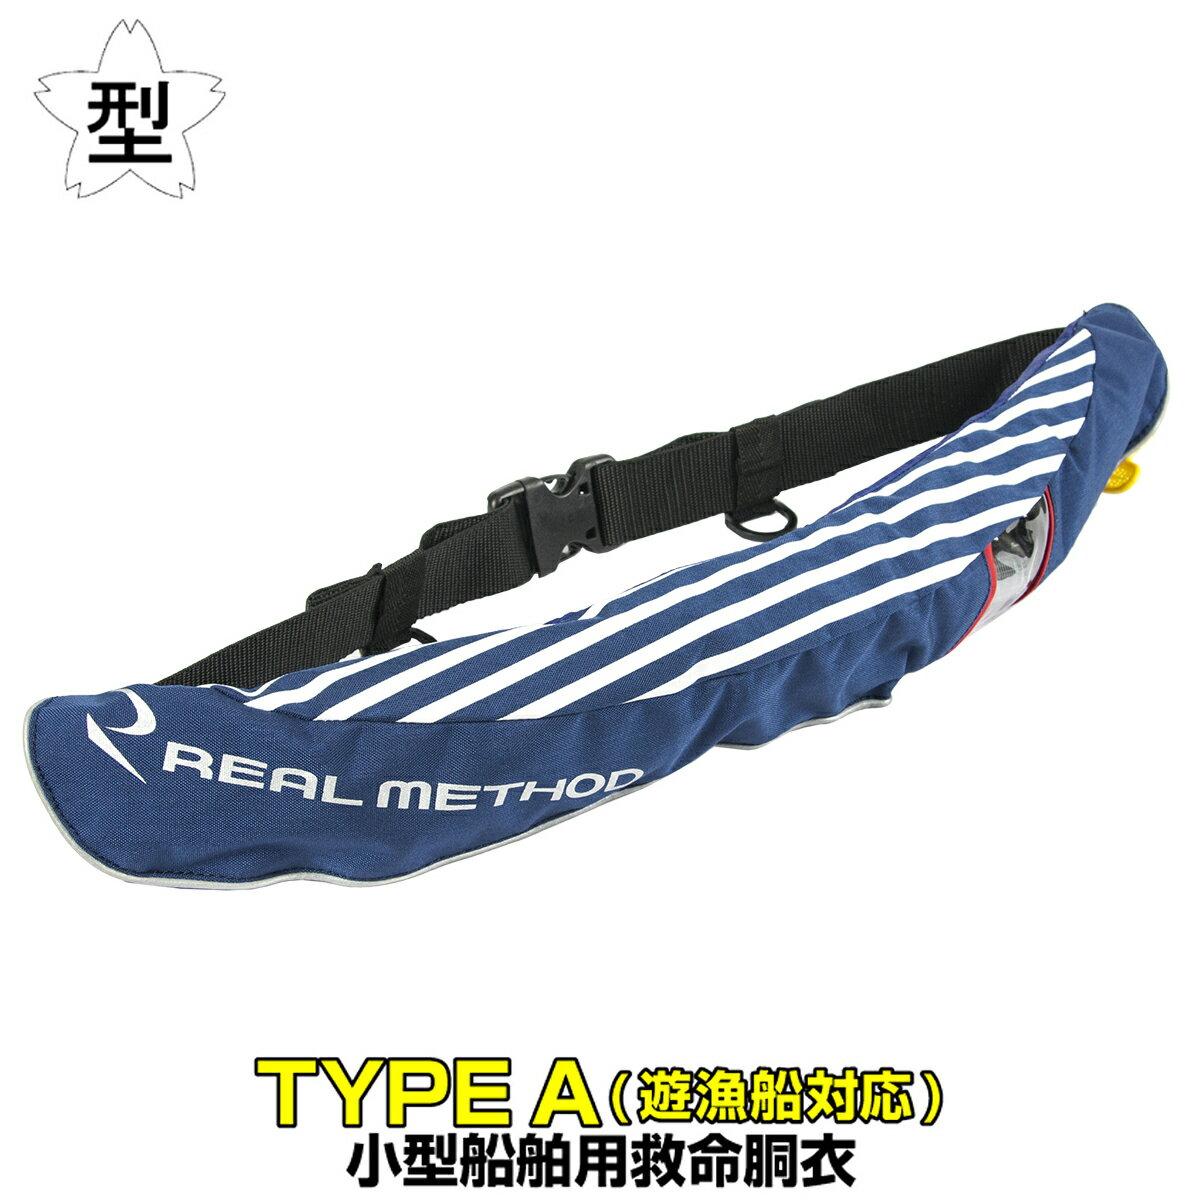 タカミヤ REALMETHOD 自動膨張式ライフジャケット ウエストベルトタイプ RM-5520RS ネイビーストライプ ※遊漁船対応【送料無料】